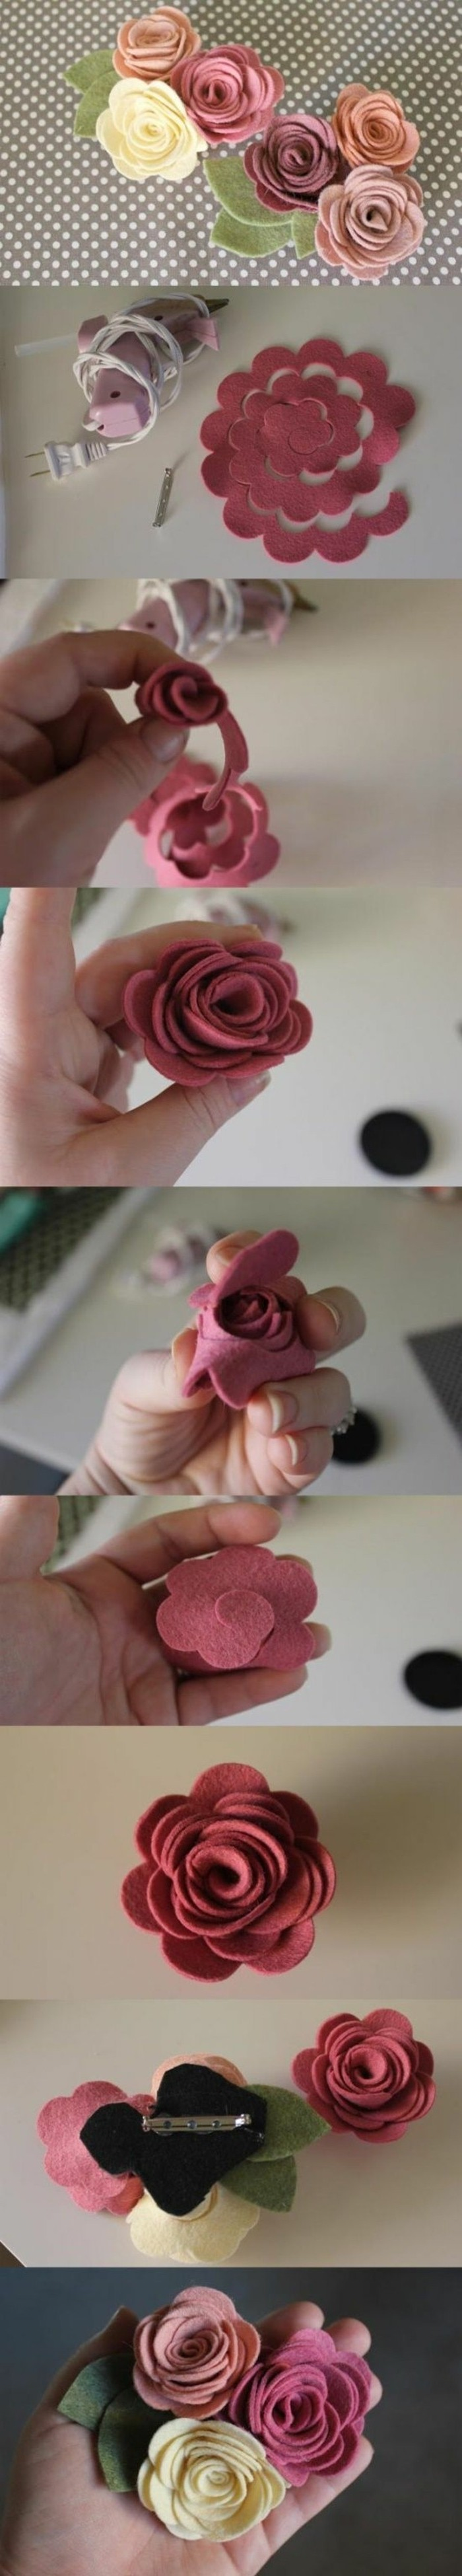 fleur-en-tissu-tuto-comment-faire-des-fleurs-en-tissu-feutrine-modele-roses-en-feutrine-avec-une-barrette-accessoire-cheveux-femme